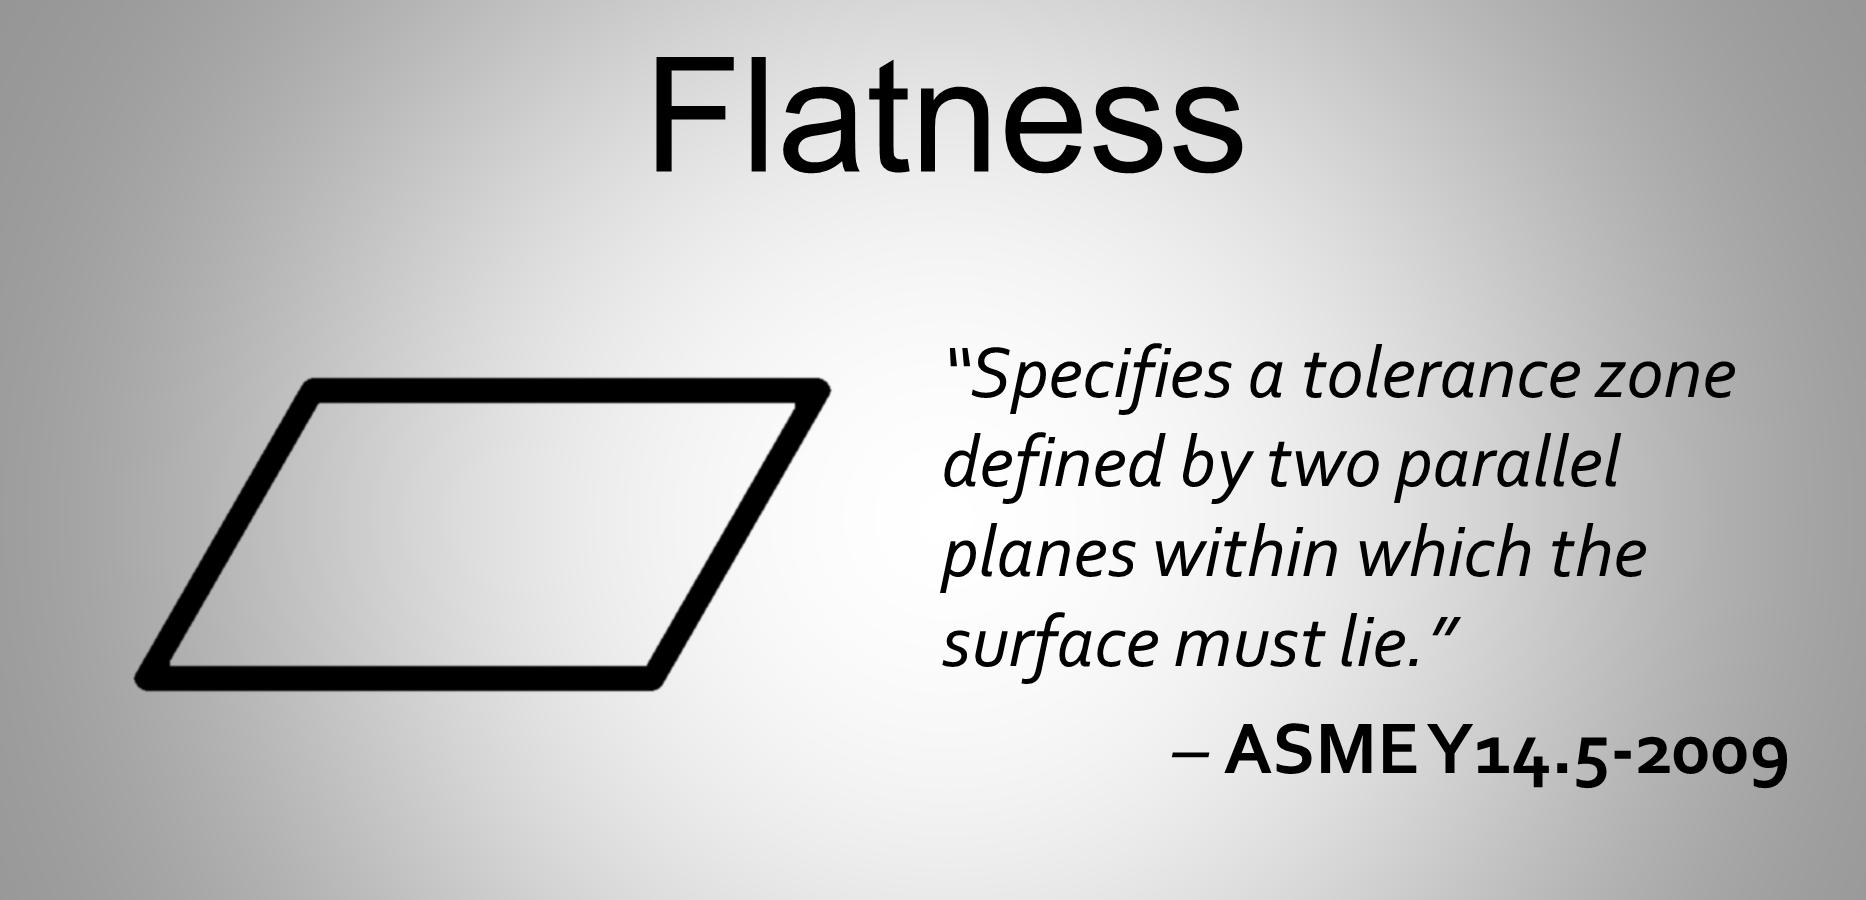 Flatness ASMEY